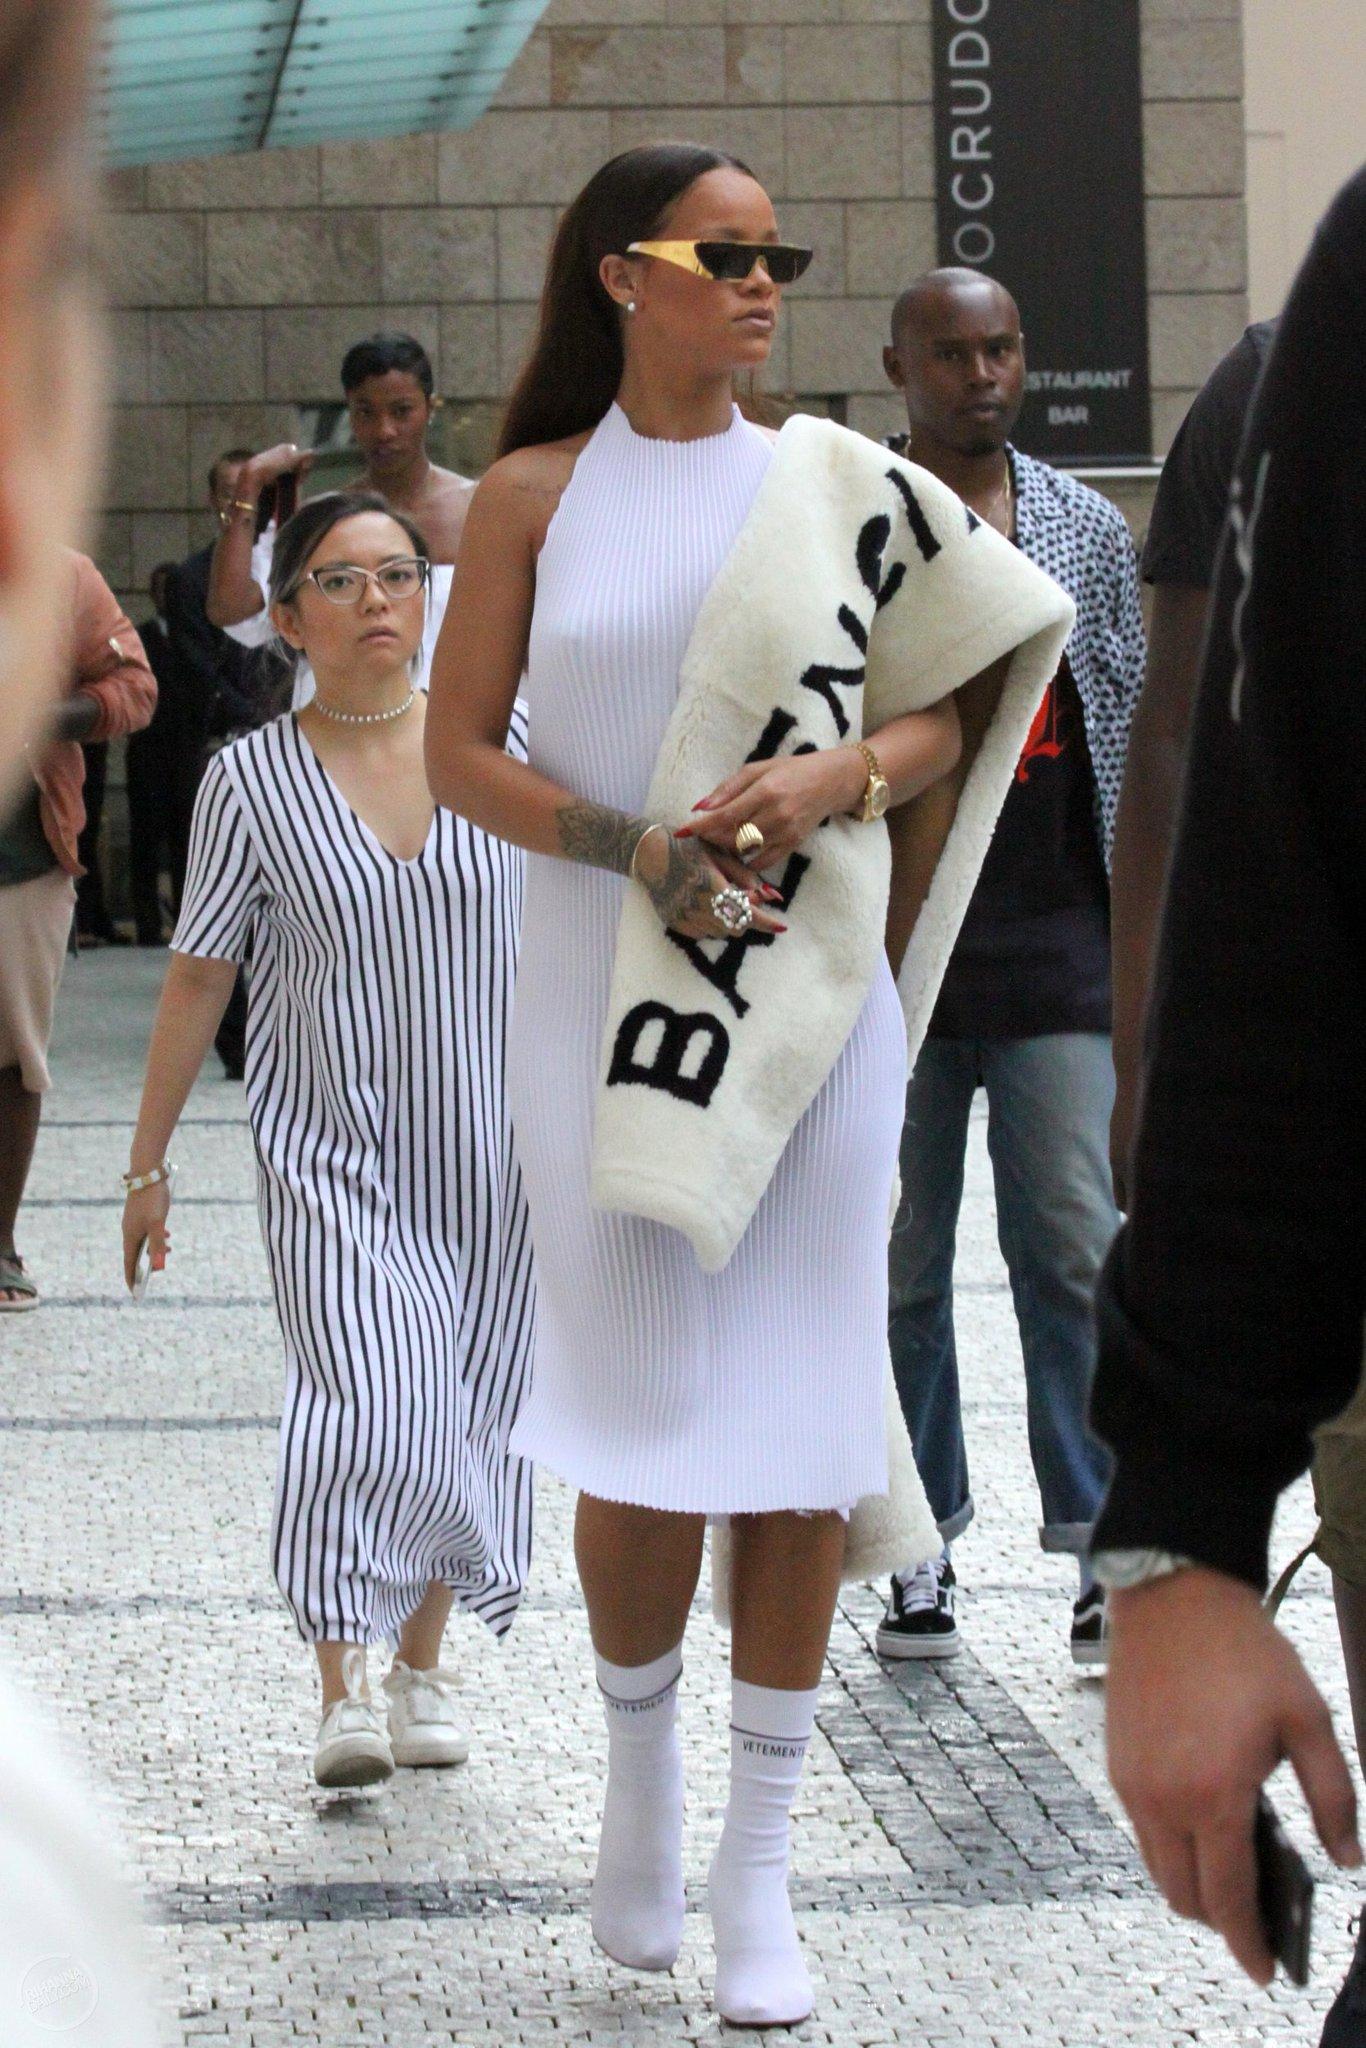 Cô nàng còn yêu thích các thiết kế của Demna đến mức đã diện một chiếc khăn lông Balenciaga giữa mùa hè. Cá tính mạnh mẽ và sự độc đáo của các thiết kế từ Demna Gvasalia là một sự kết hợp vô cùng hoàn hảo.